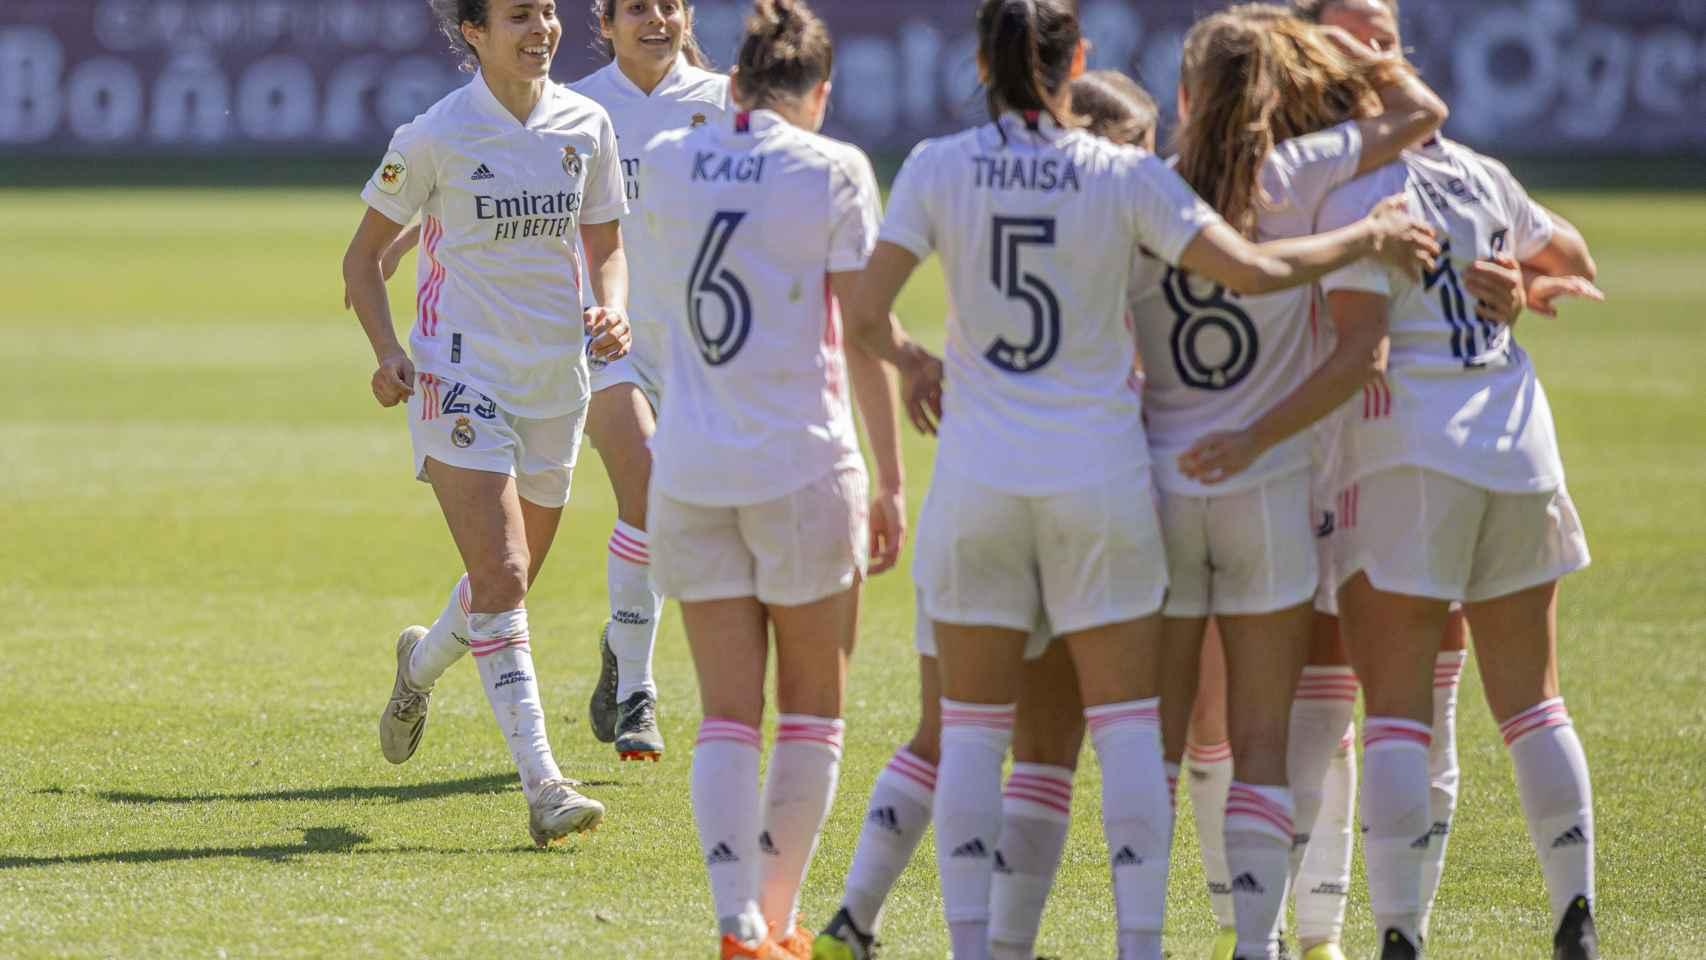 Las jugadoras celebran un gol durante el EDF Logroño - Real Madrid Femenino